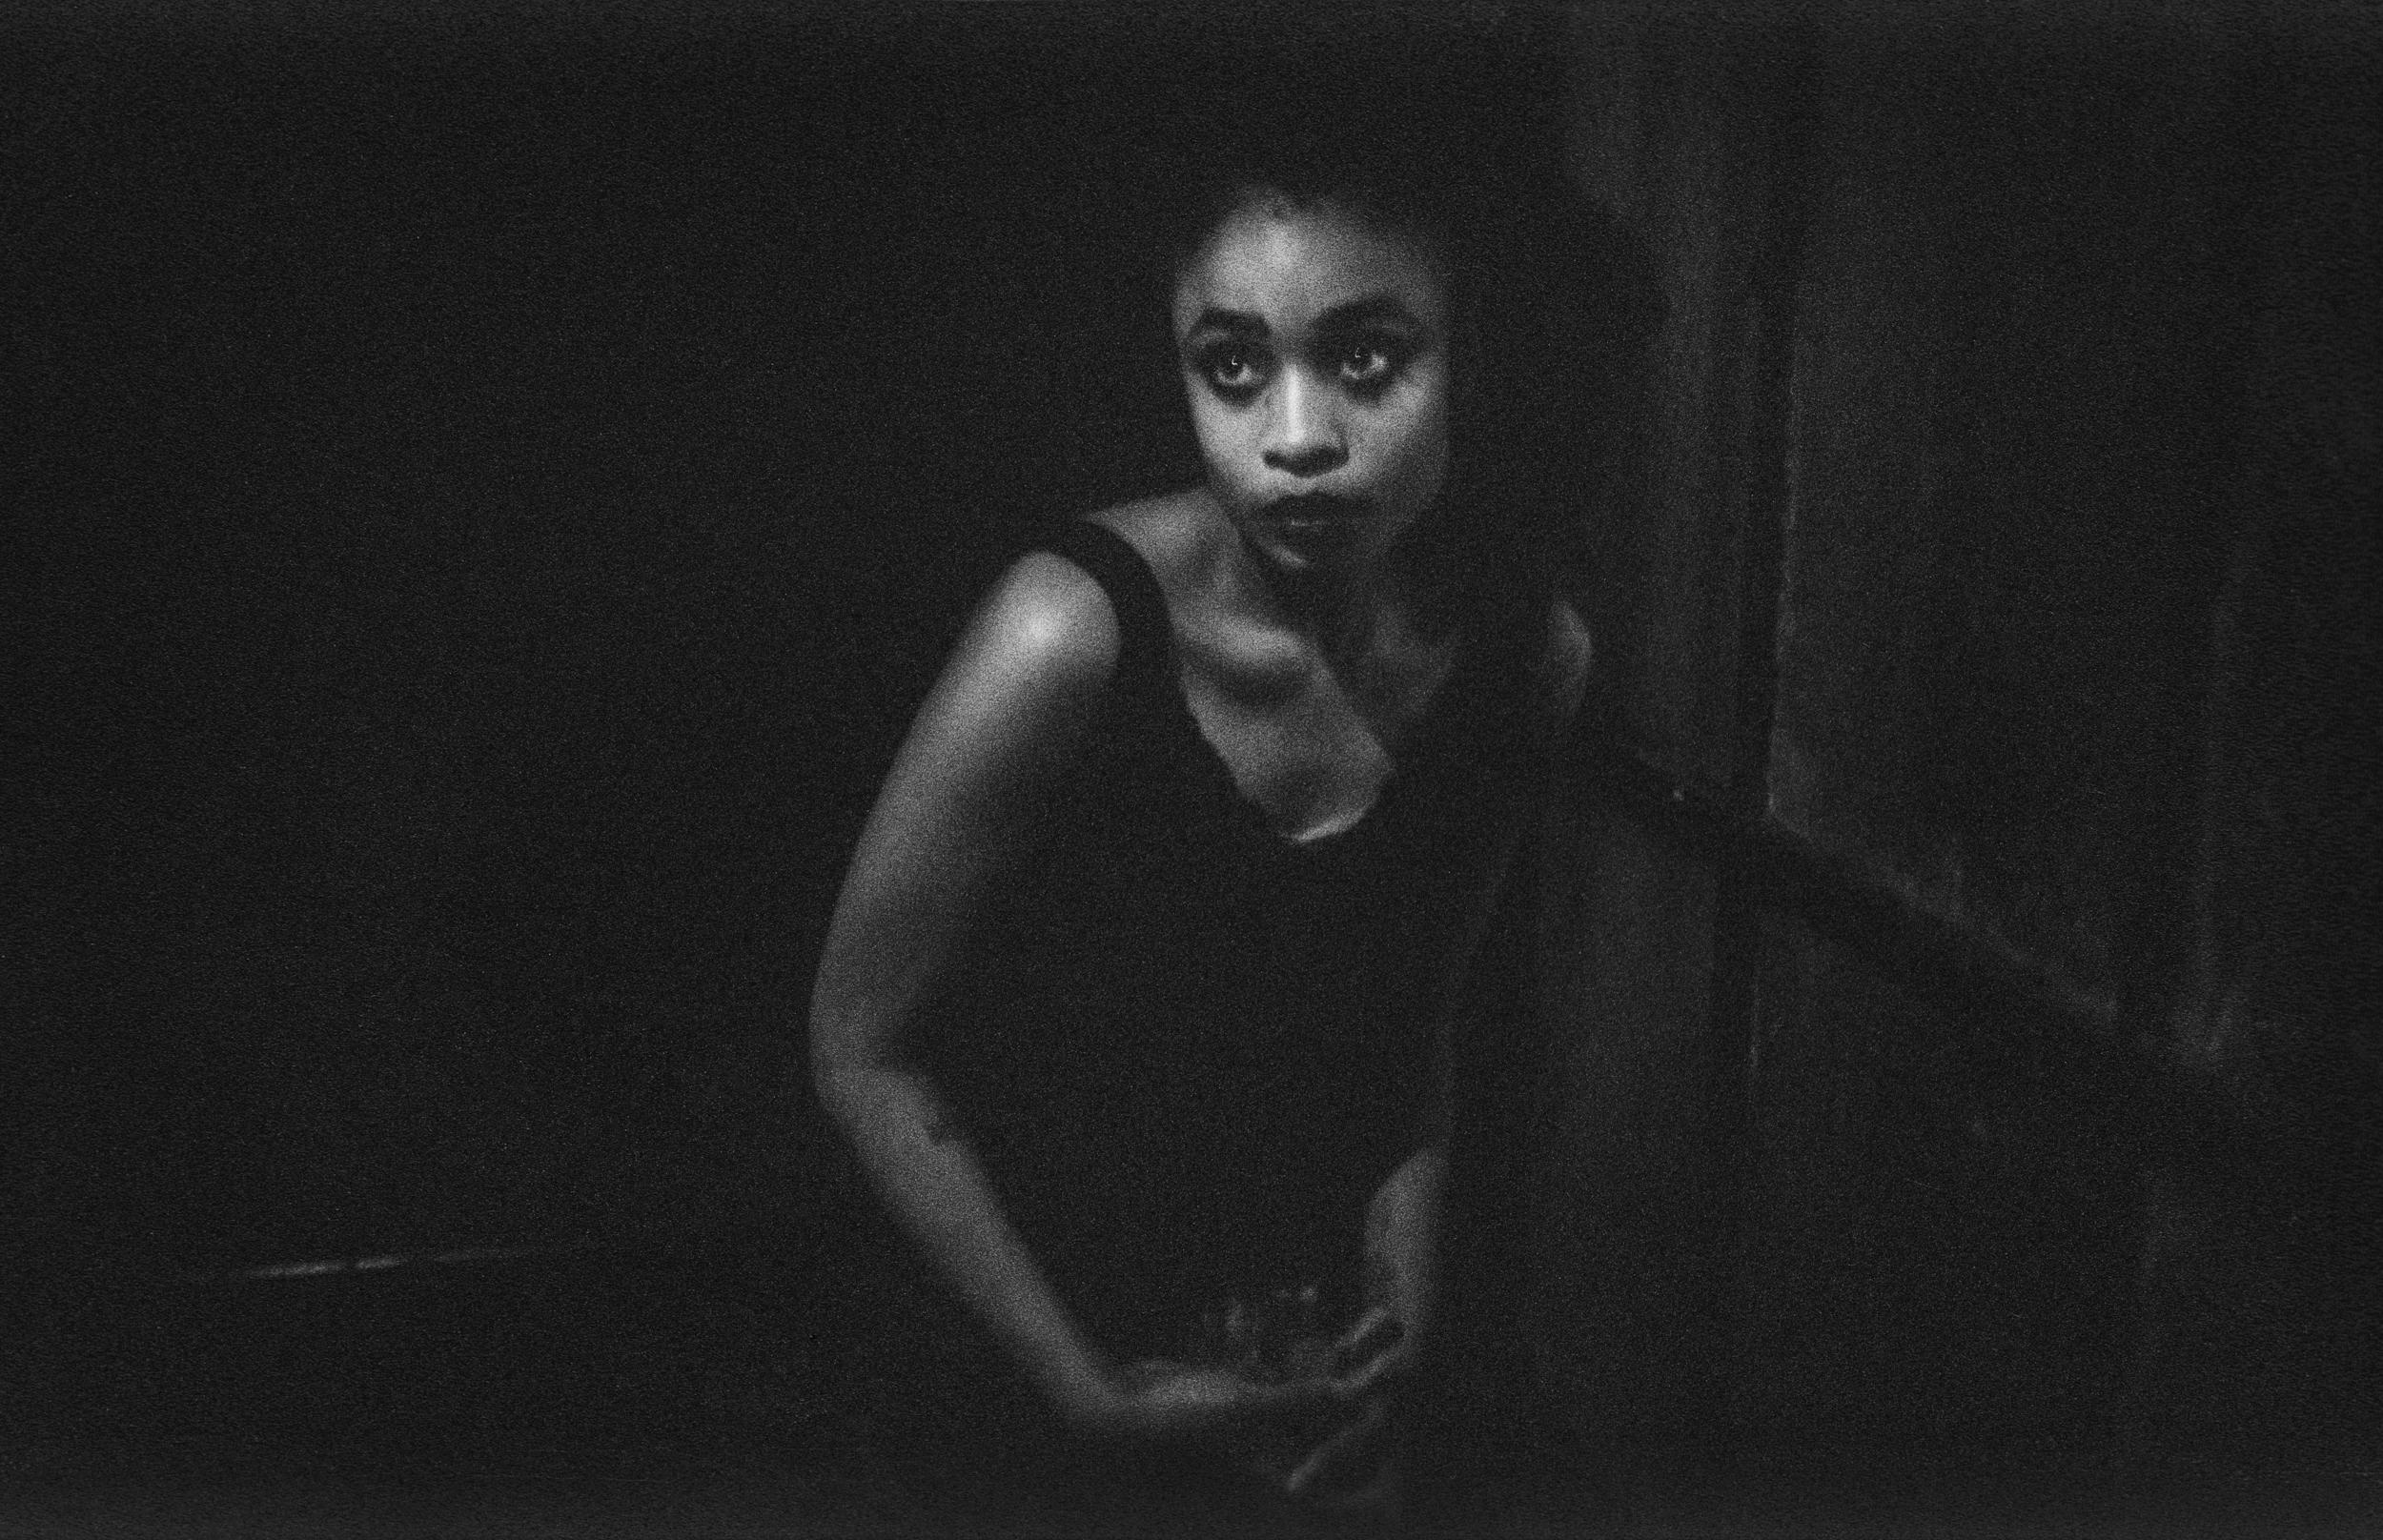 nick dinatale_adia victoria portraits_35mm film_los angeles_2017-12.jpg